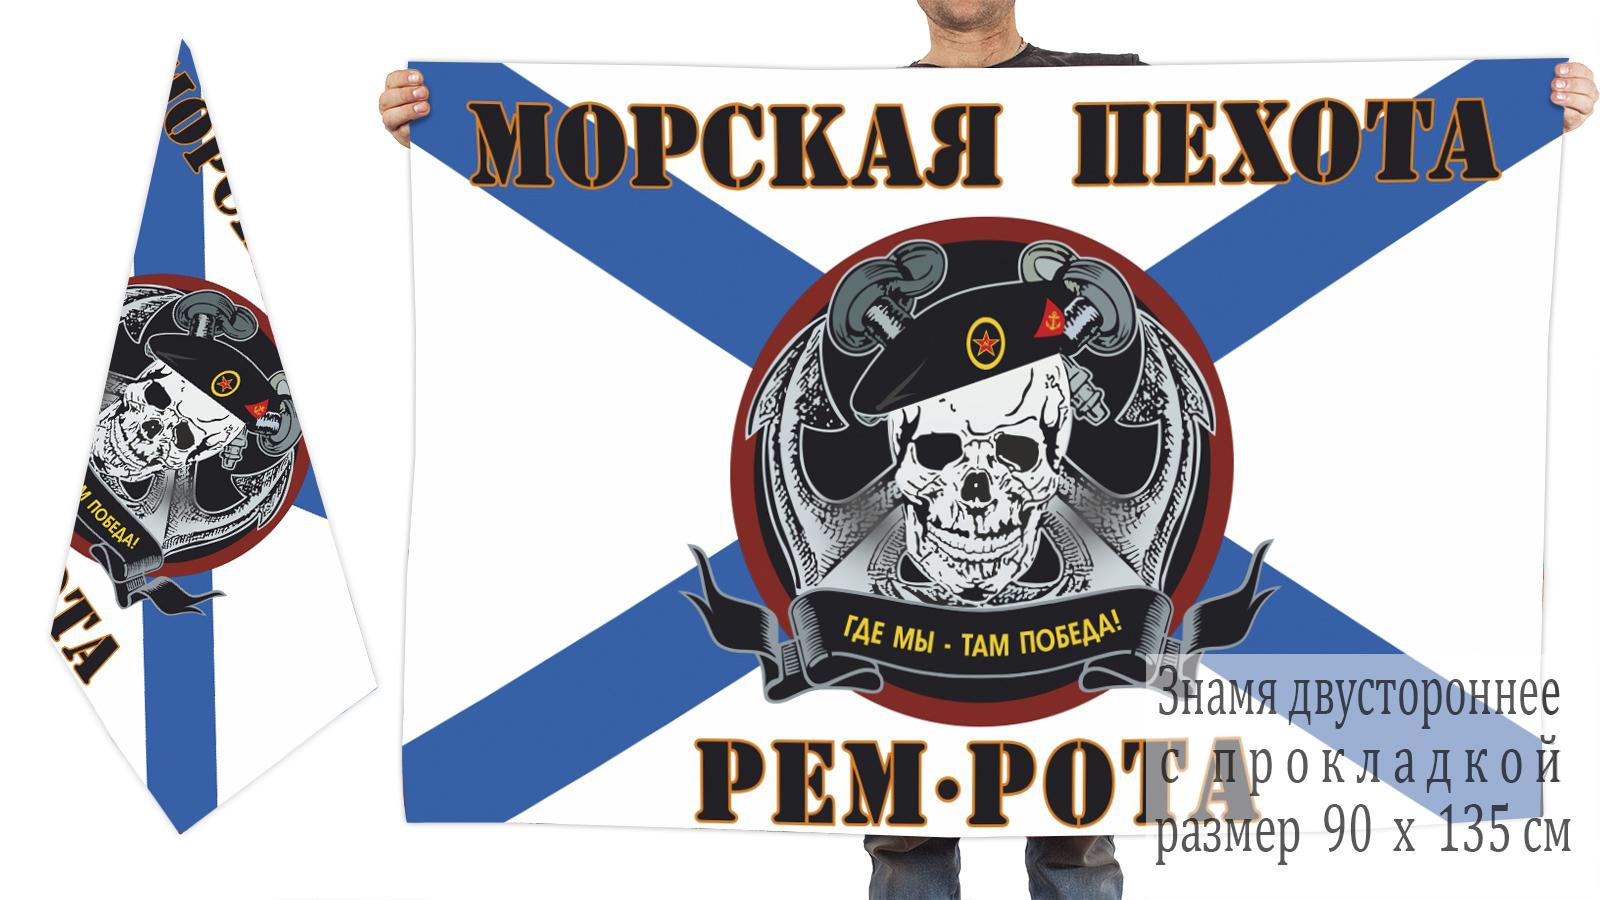 Двусторонний флаг ремонтной роты Морской пехоты с изображением Черепа